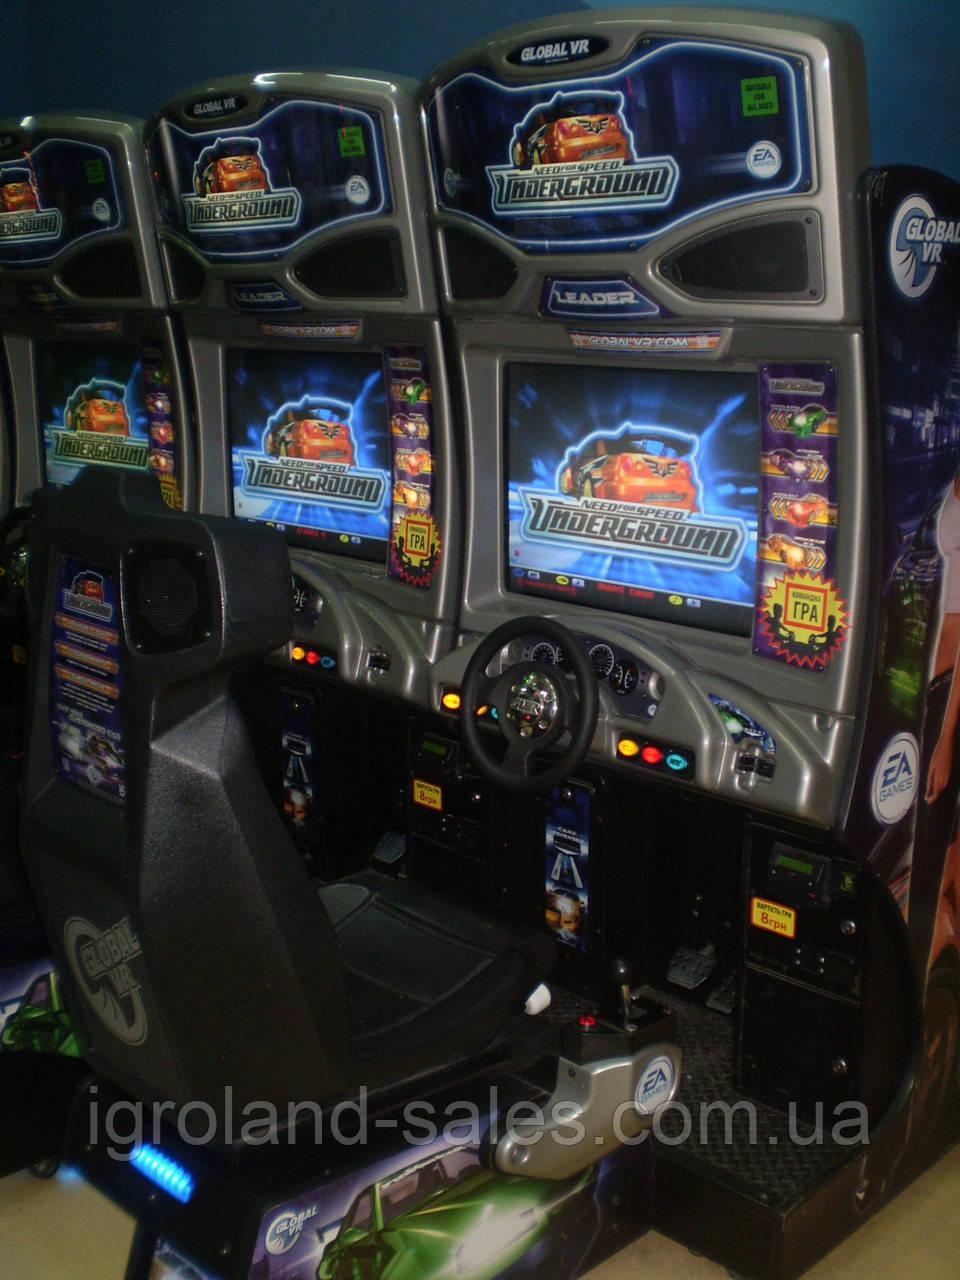 нид фор спид игровой автомат